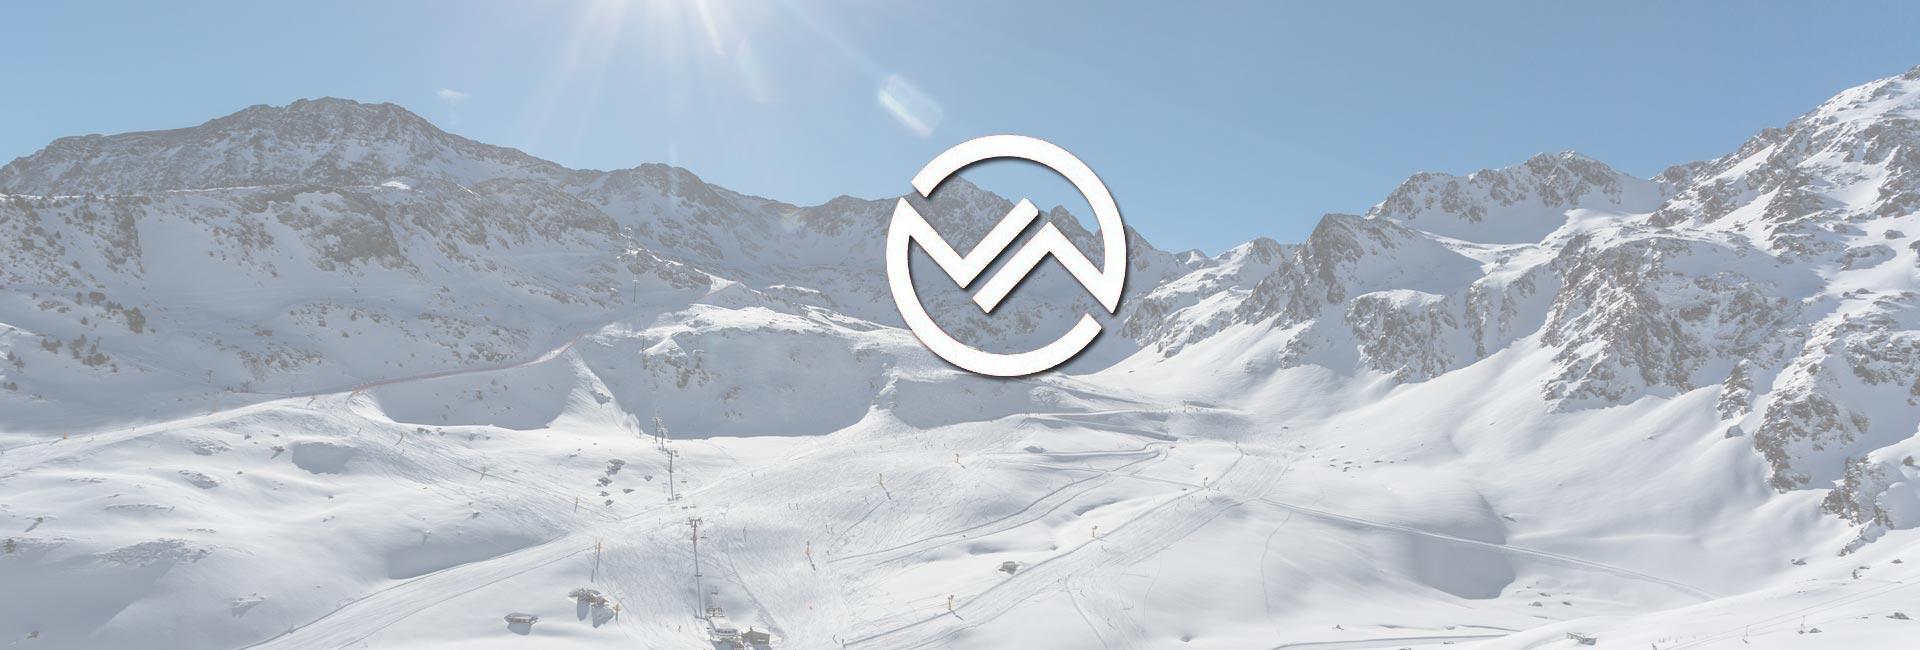 Esquiar en Vallnord. Esquiar en Arinsal. Esquiar en Arcalís